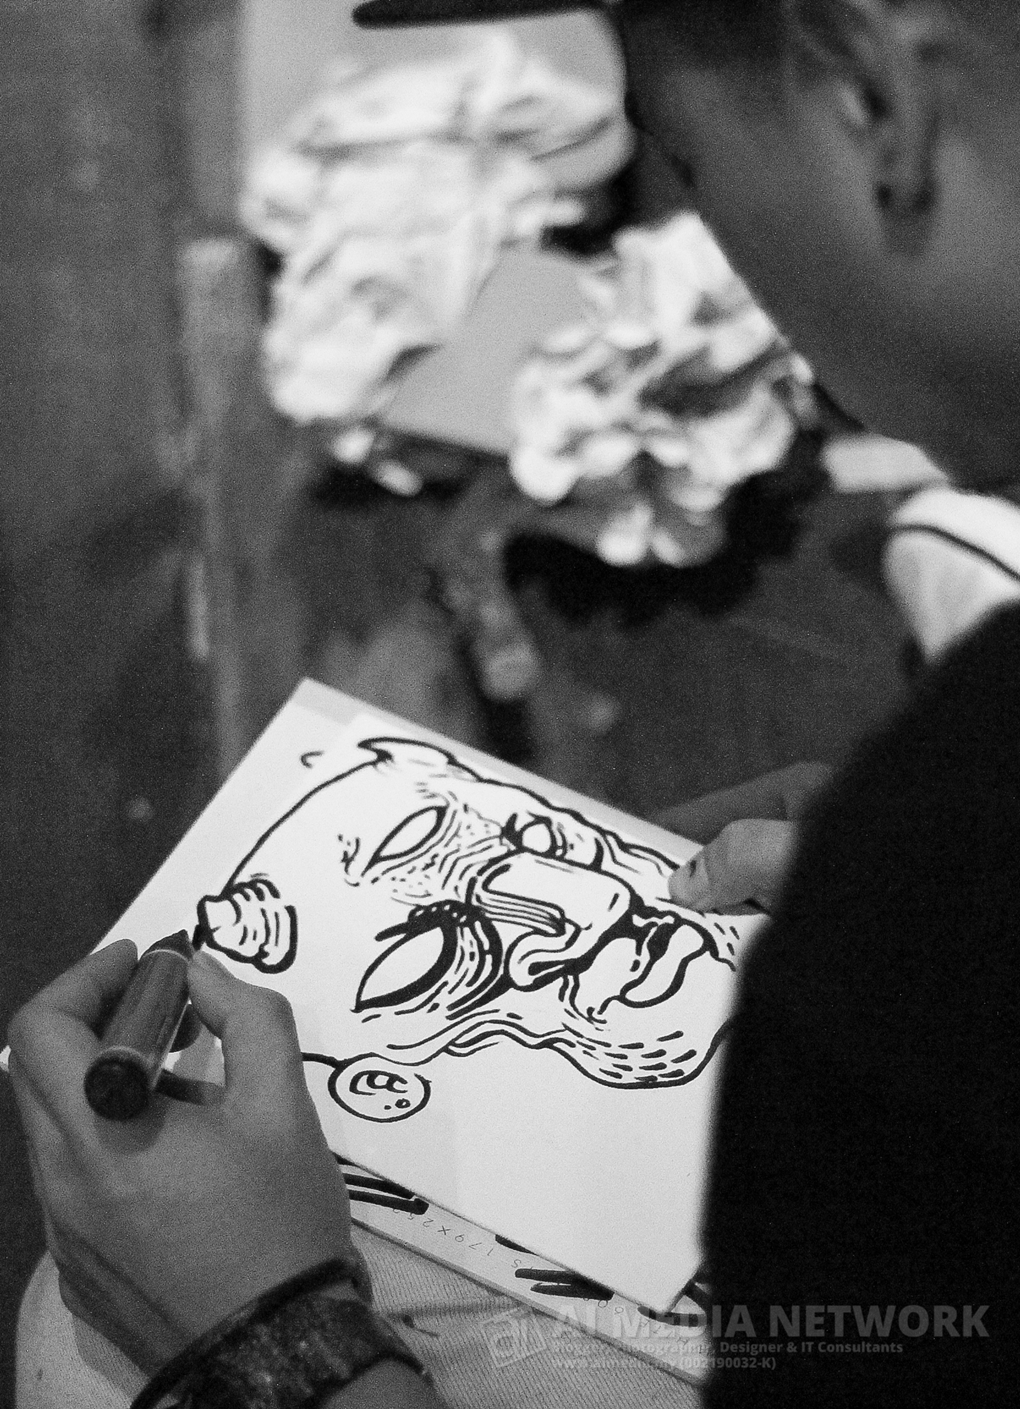 Imaginasi dan ekspressi seorang pelukis